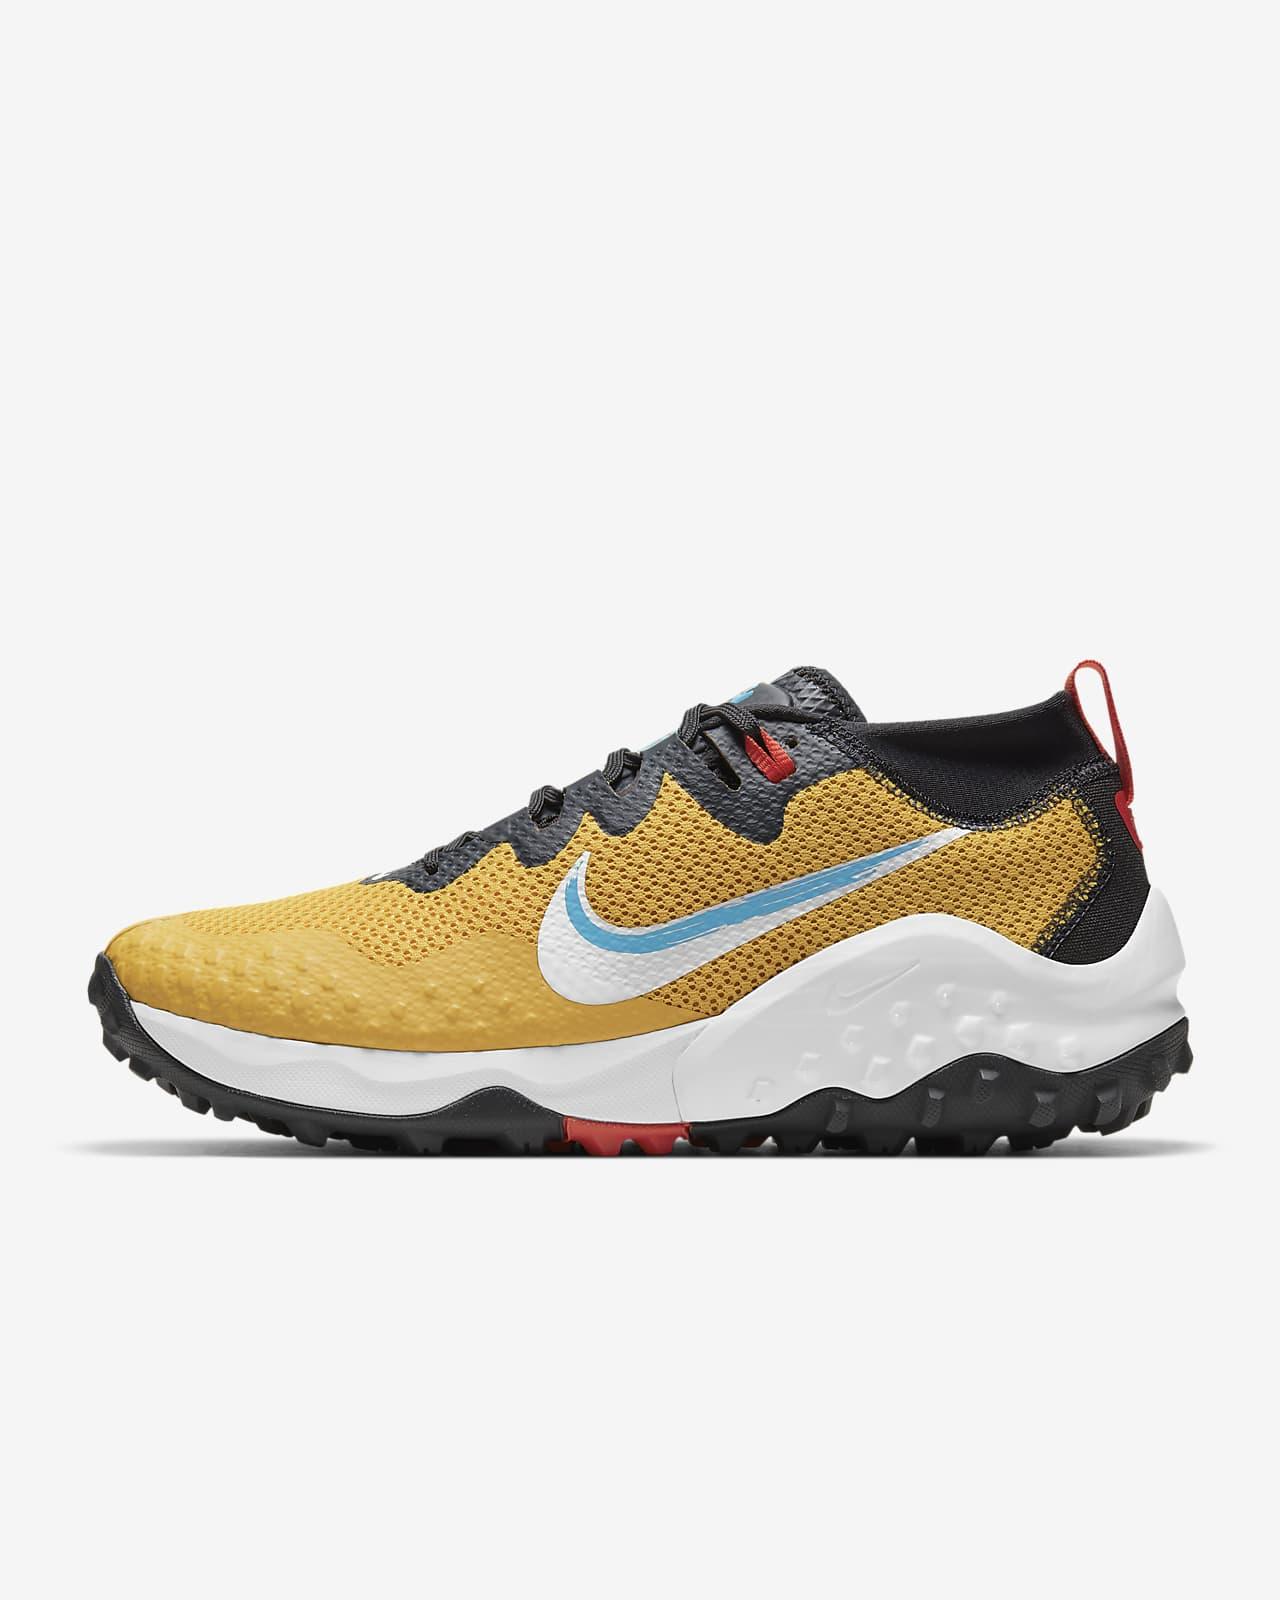 Ανδρικό παπούτσι για τρέξιμο σε ανώμαλο δρόμο Nike Wildhorse 7